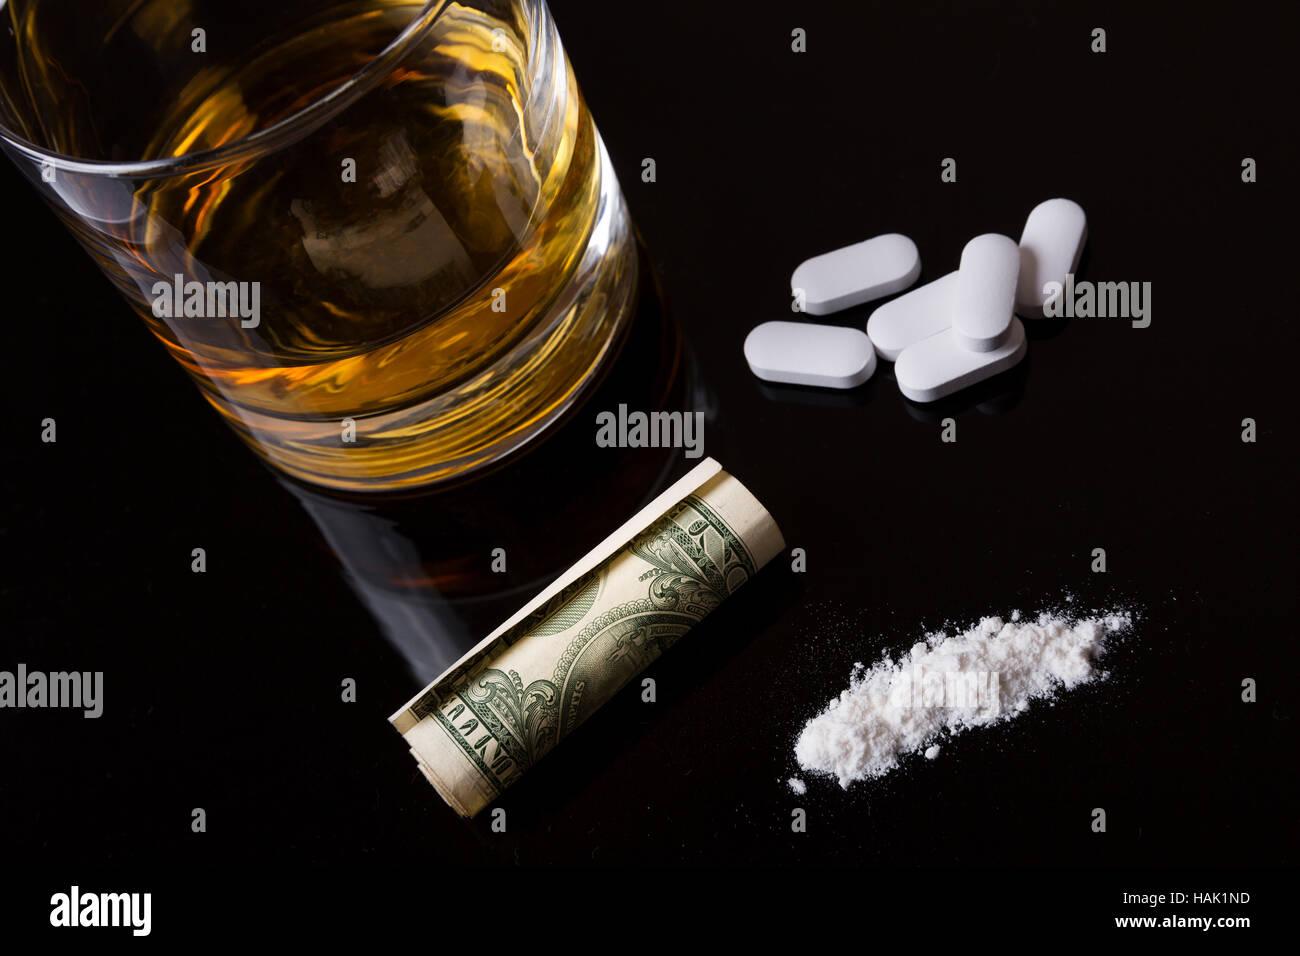 Dipendenza da sostanze stupefacenti - alcol, droga e cocaina Immagini Stock